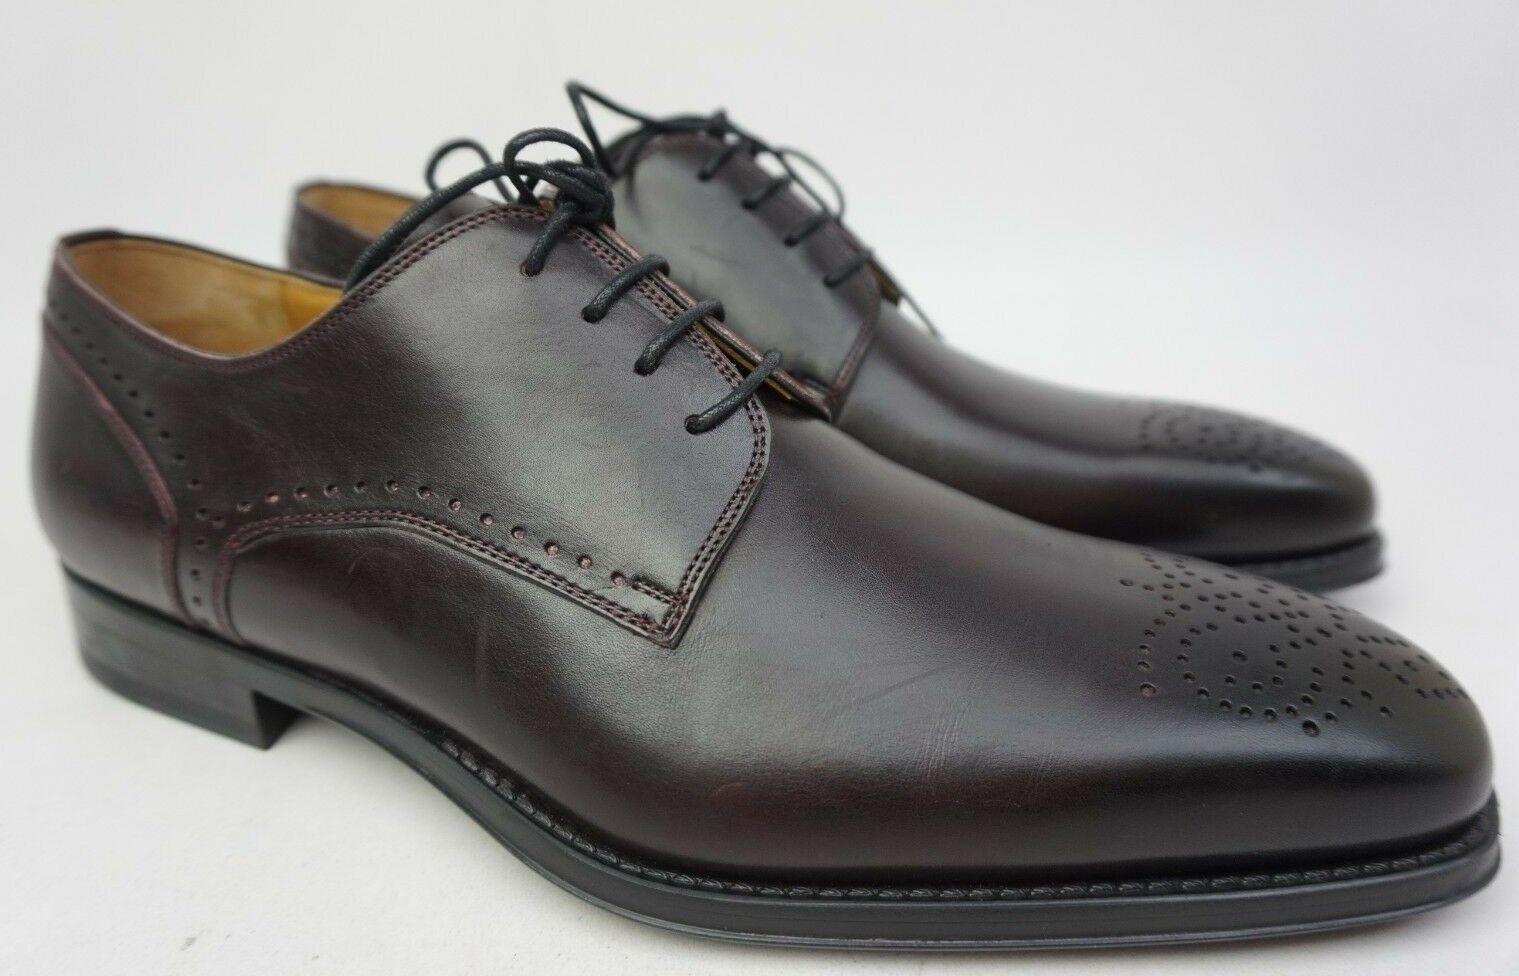 Magnanni Gregorio Dunkel Burgunderrot Leder Derby Herren Oxford Oxford Oxford Schuhe Größe 9 M 6a5eef